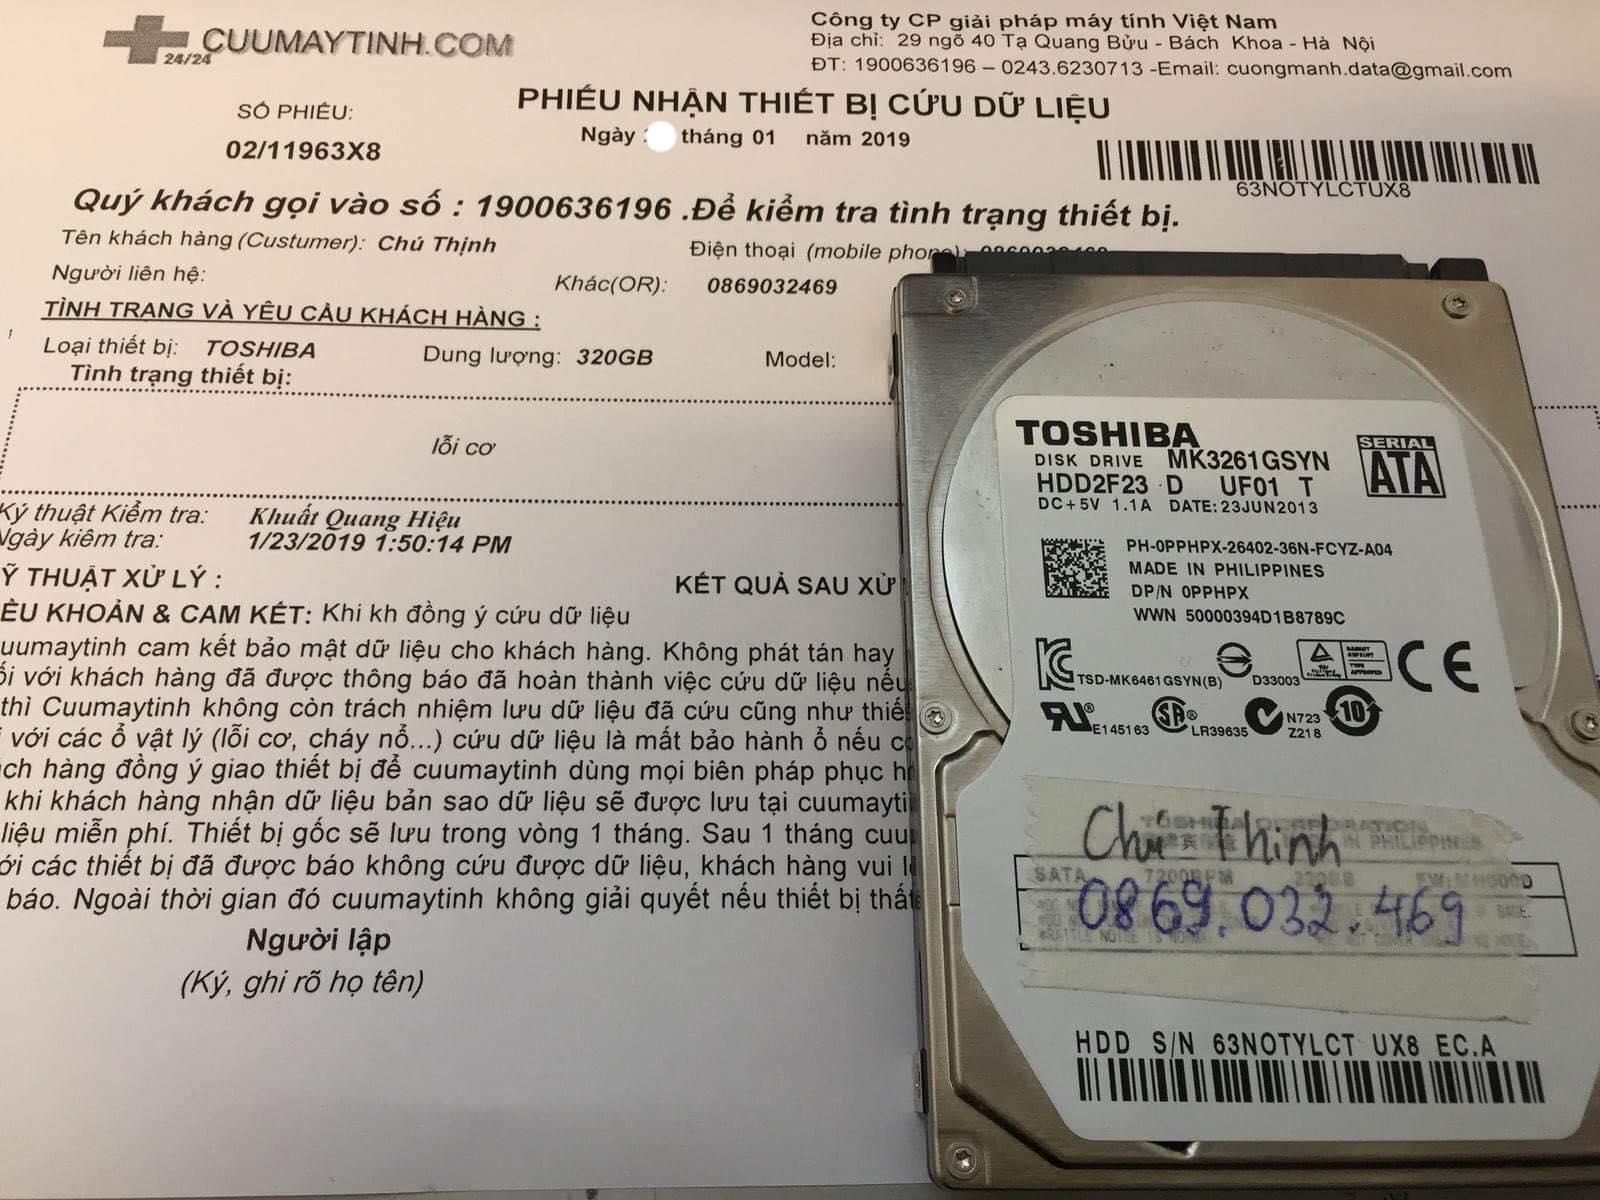 Cứu dữ liệu ổ cứng Toshiba 320GB lỗi cơ  28/01/2019 - cuumaytinh